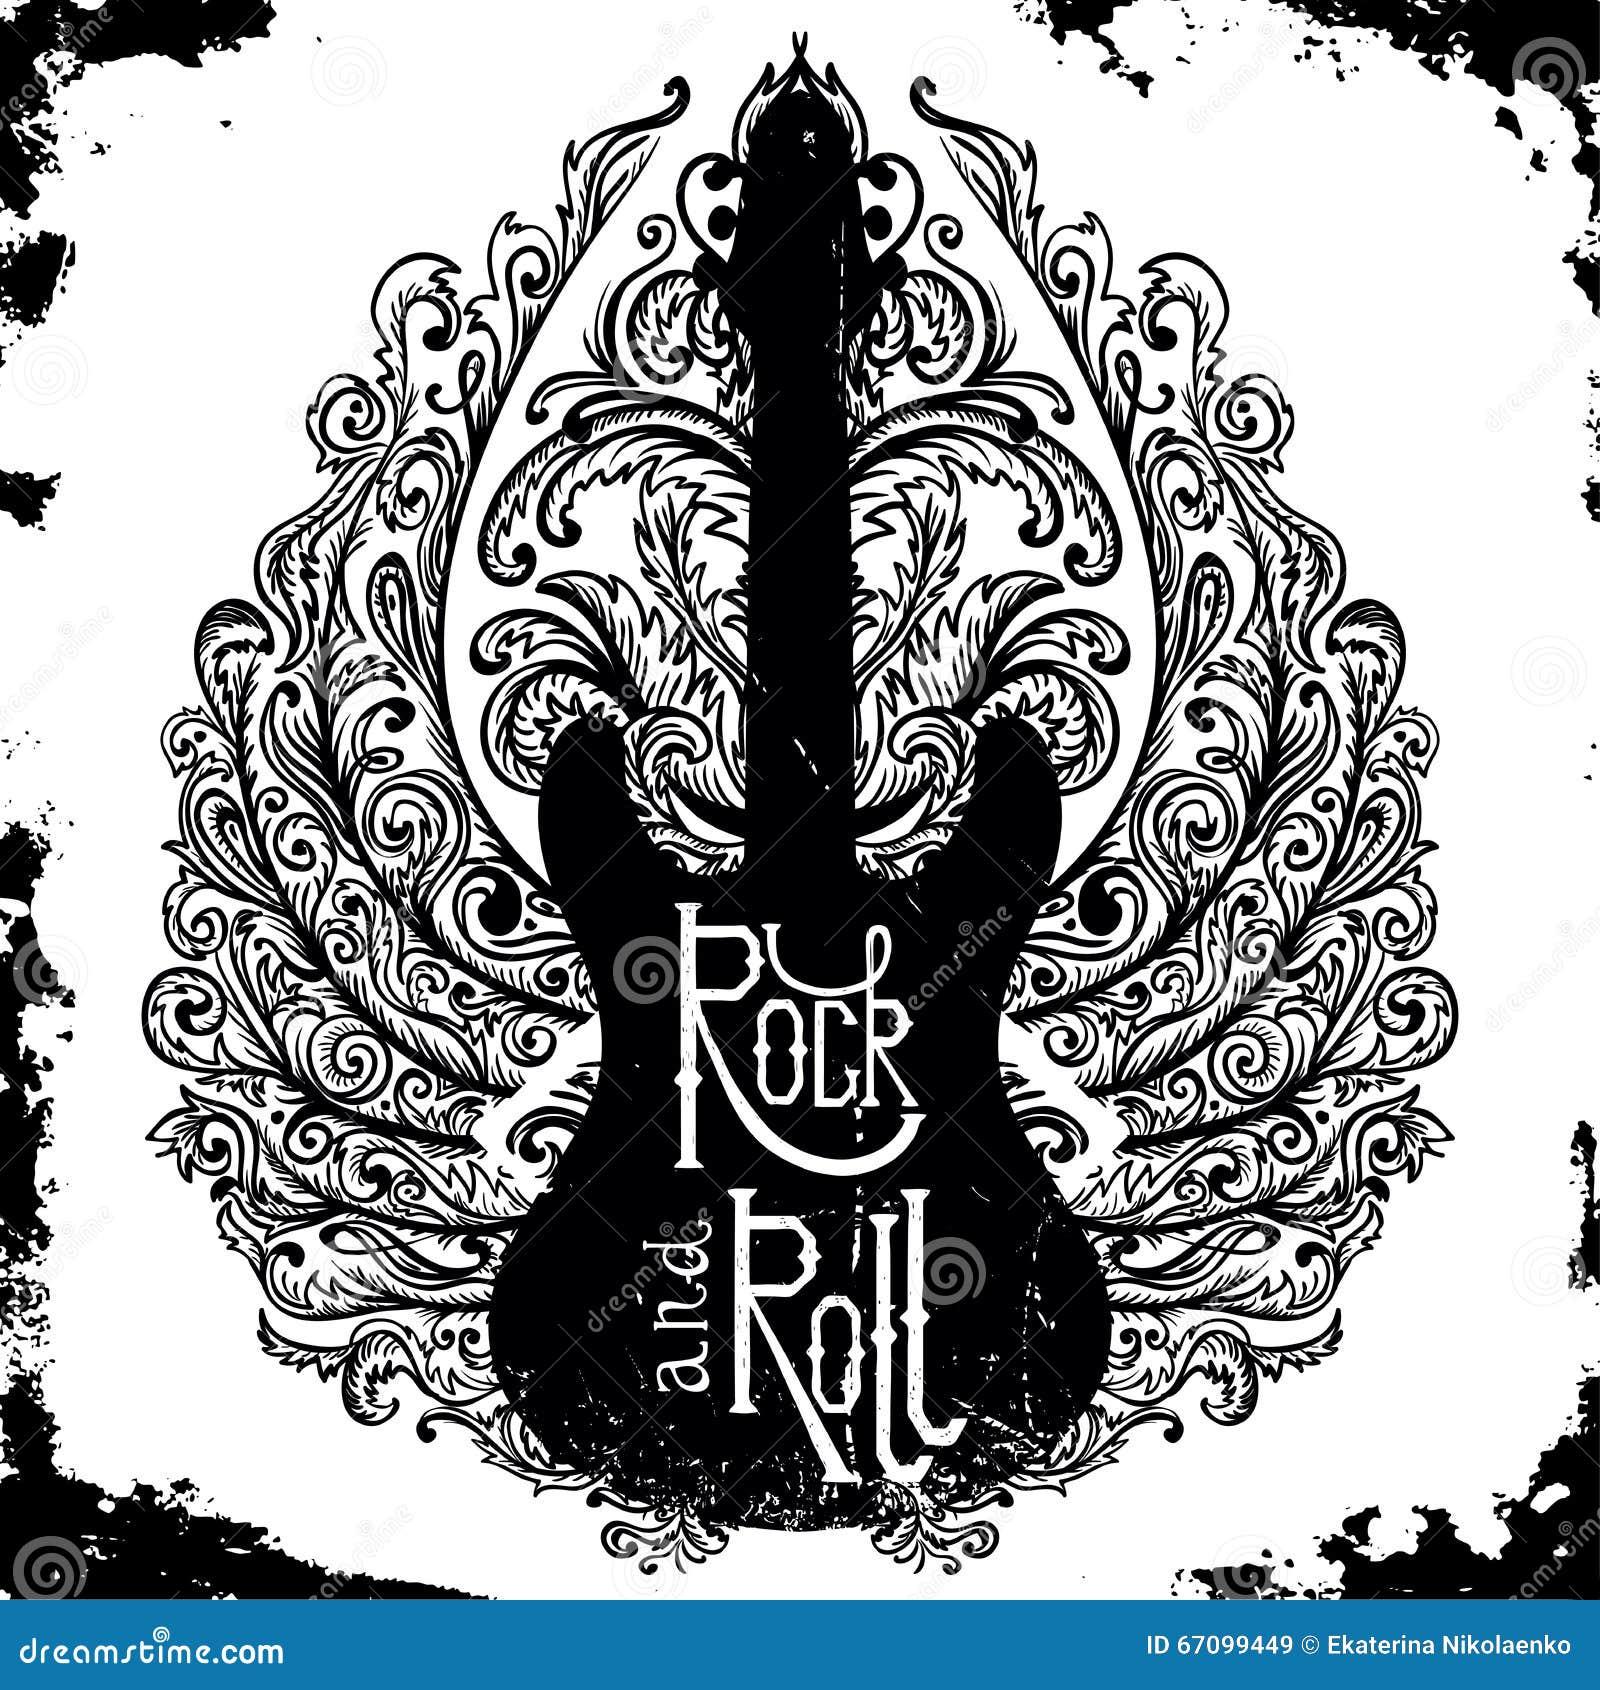 Poster rock roll vintage